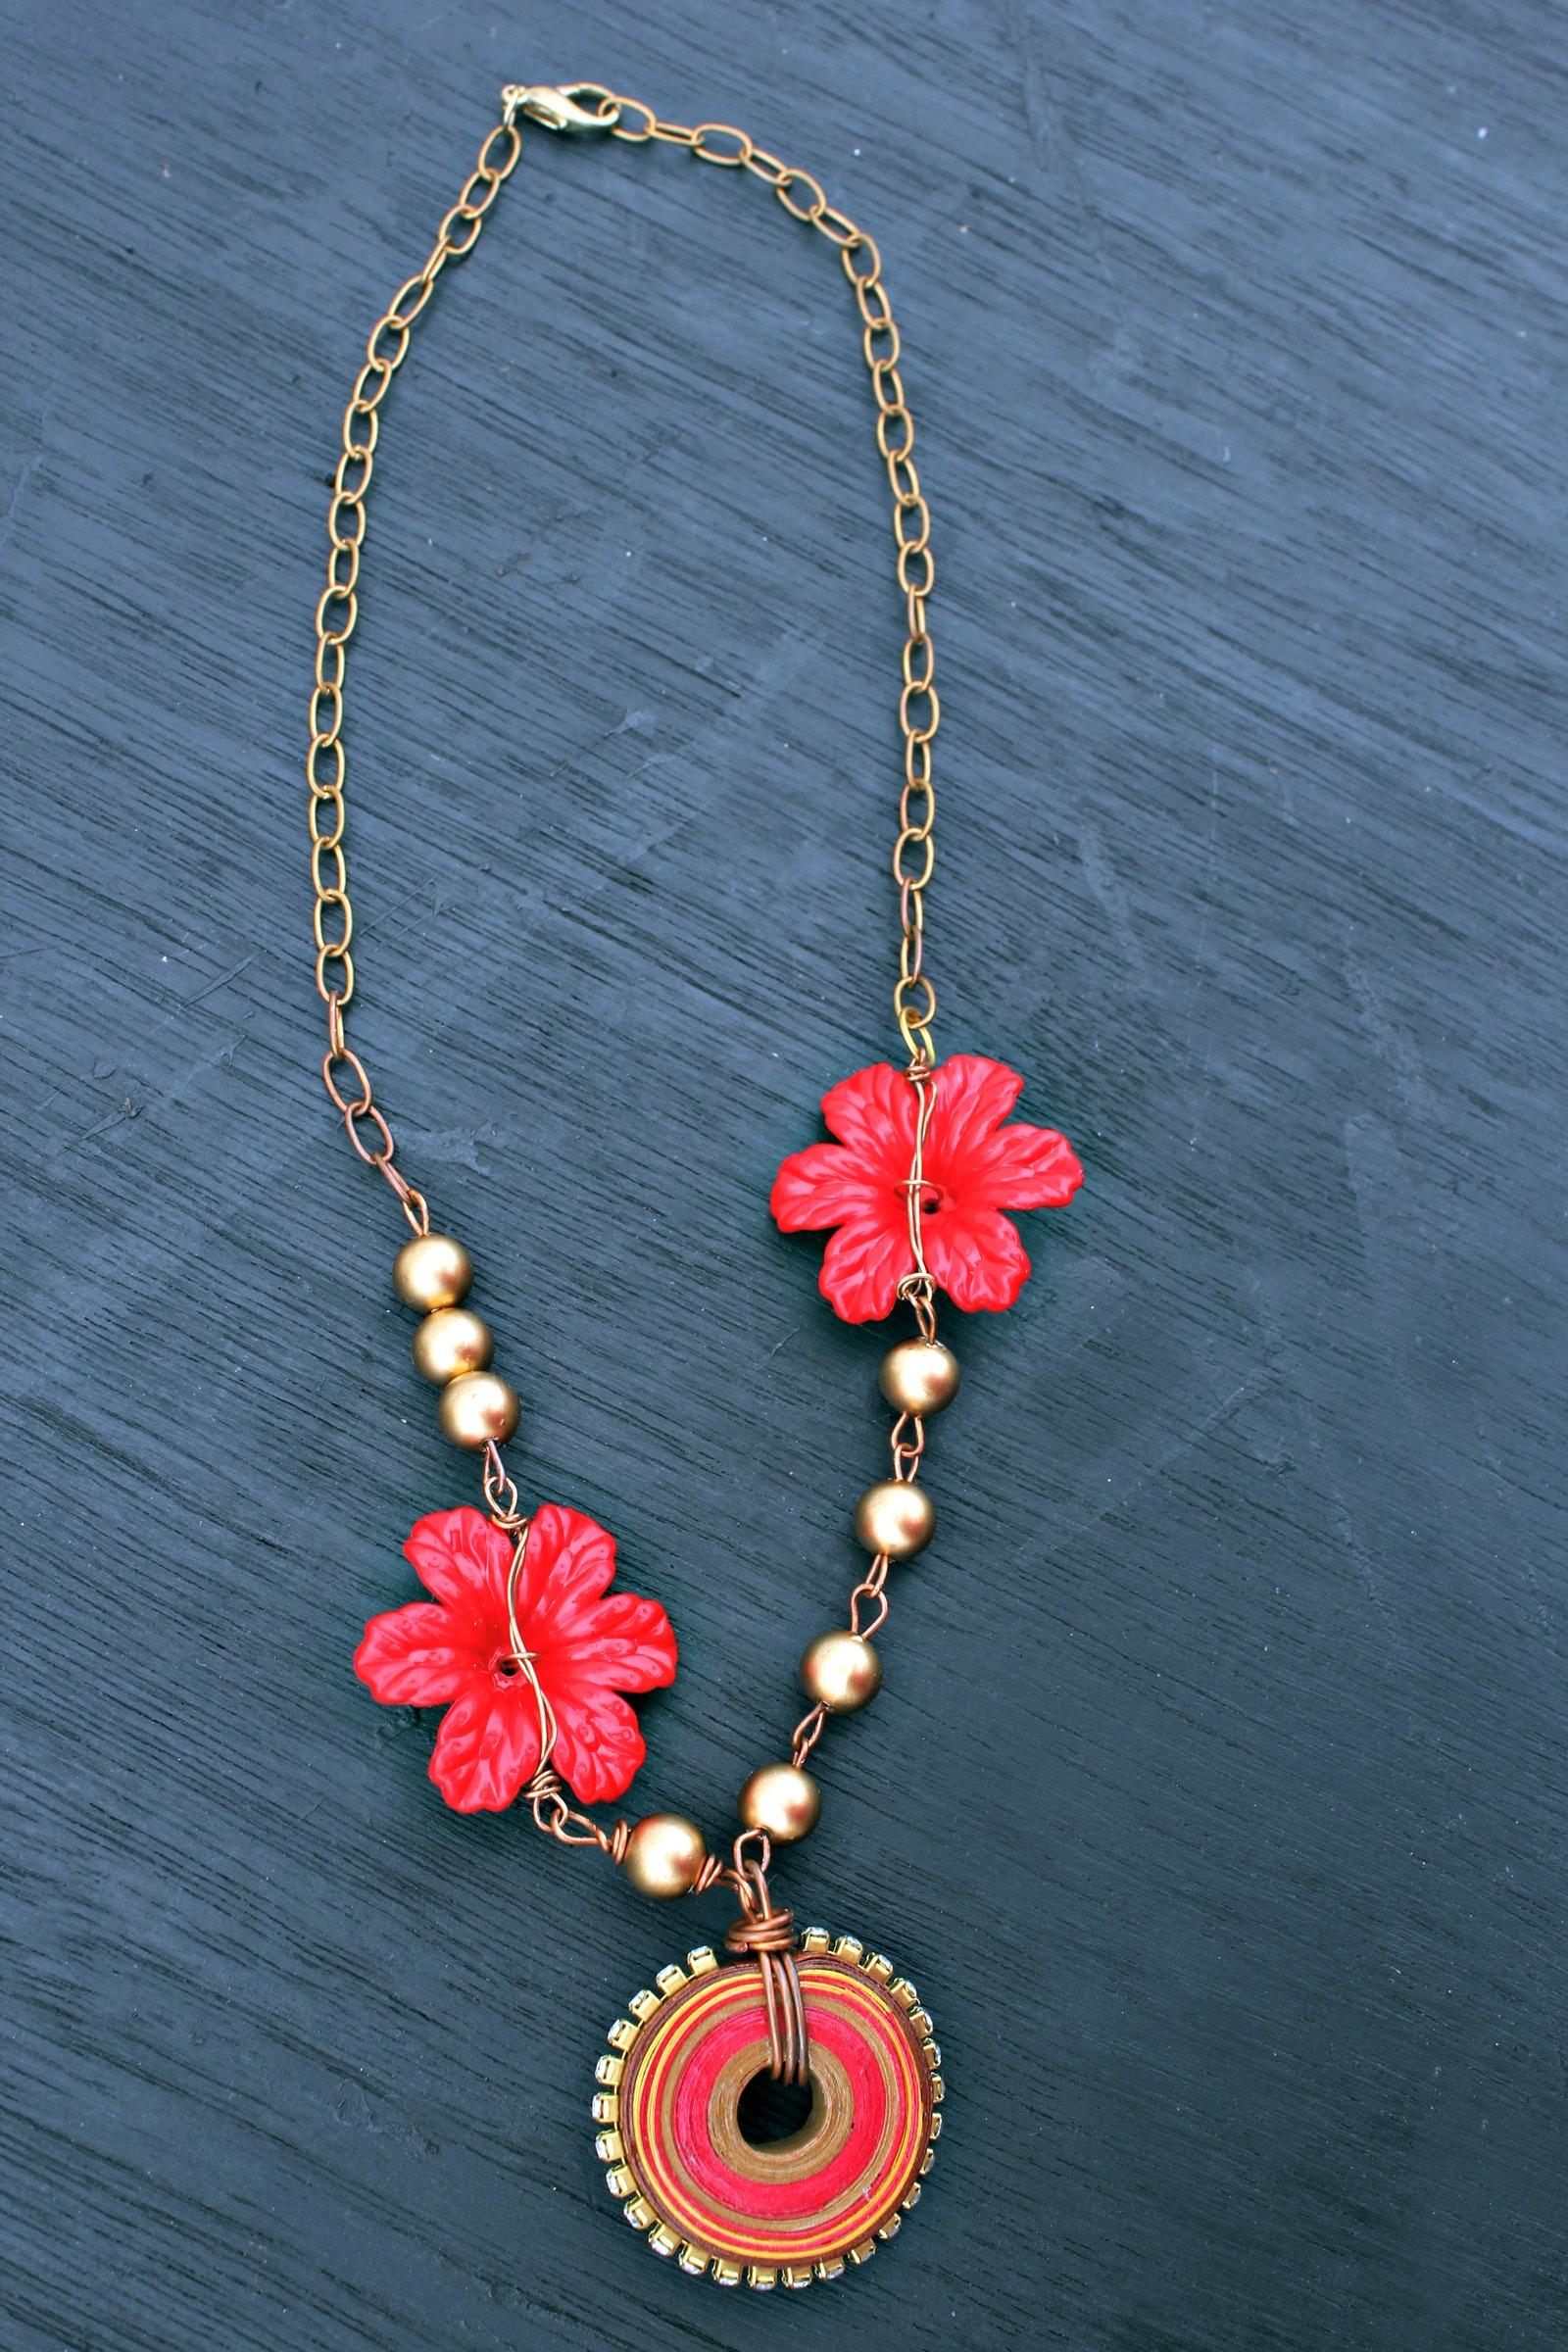 Pinwheel and Poinsettia DIY Necklace